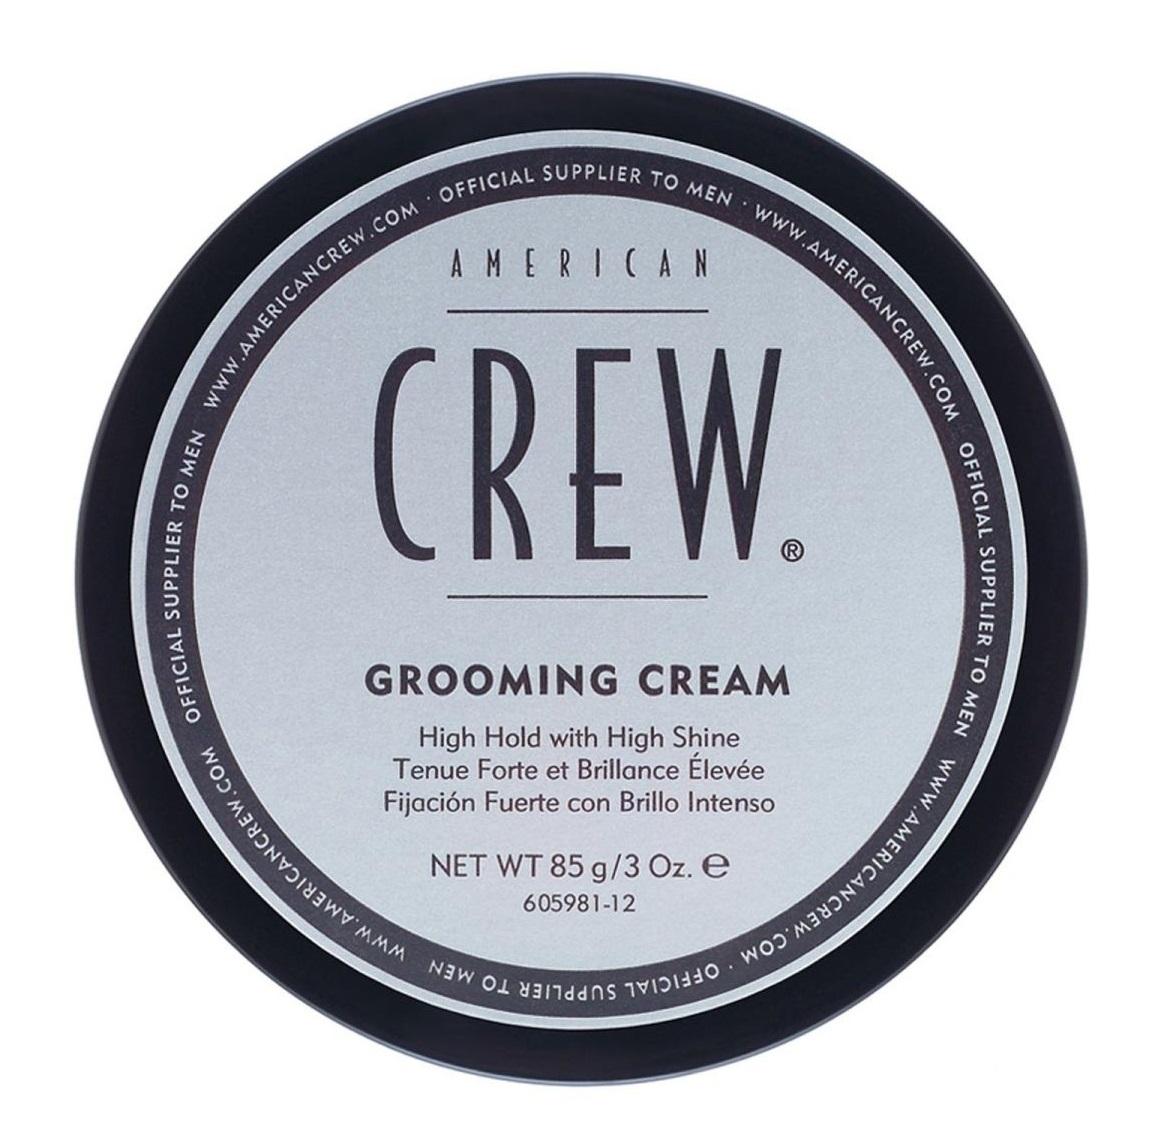 AMERICAN CREW Крем с сильной фиксацией и высоким уровнем блеска для укладки волос и усов, для мужчин / Grooming Cream 85 г